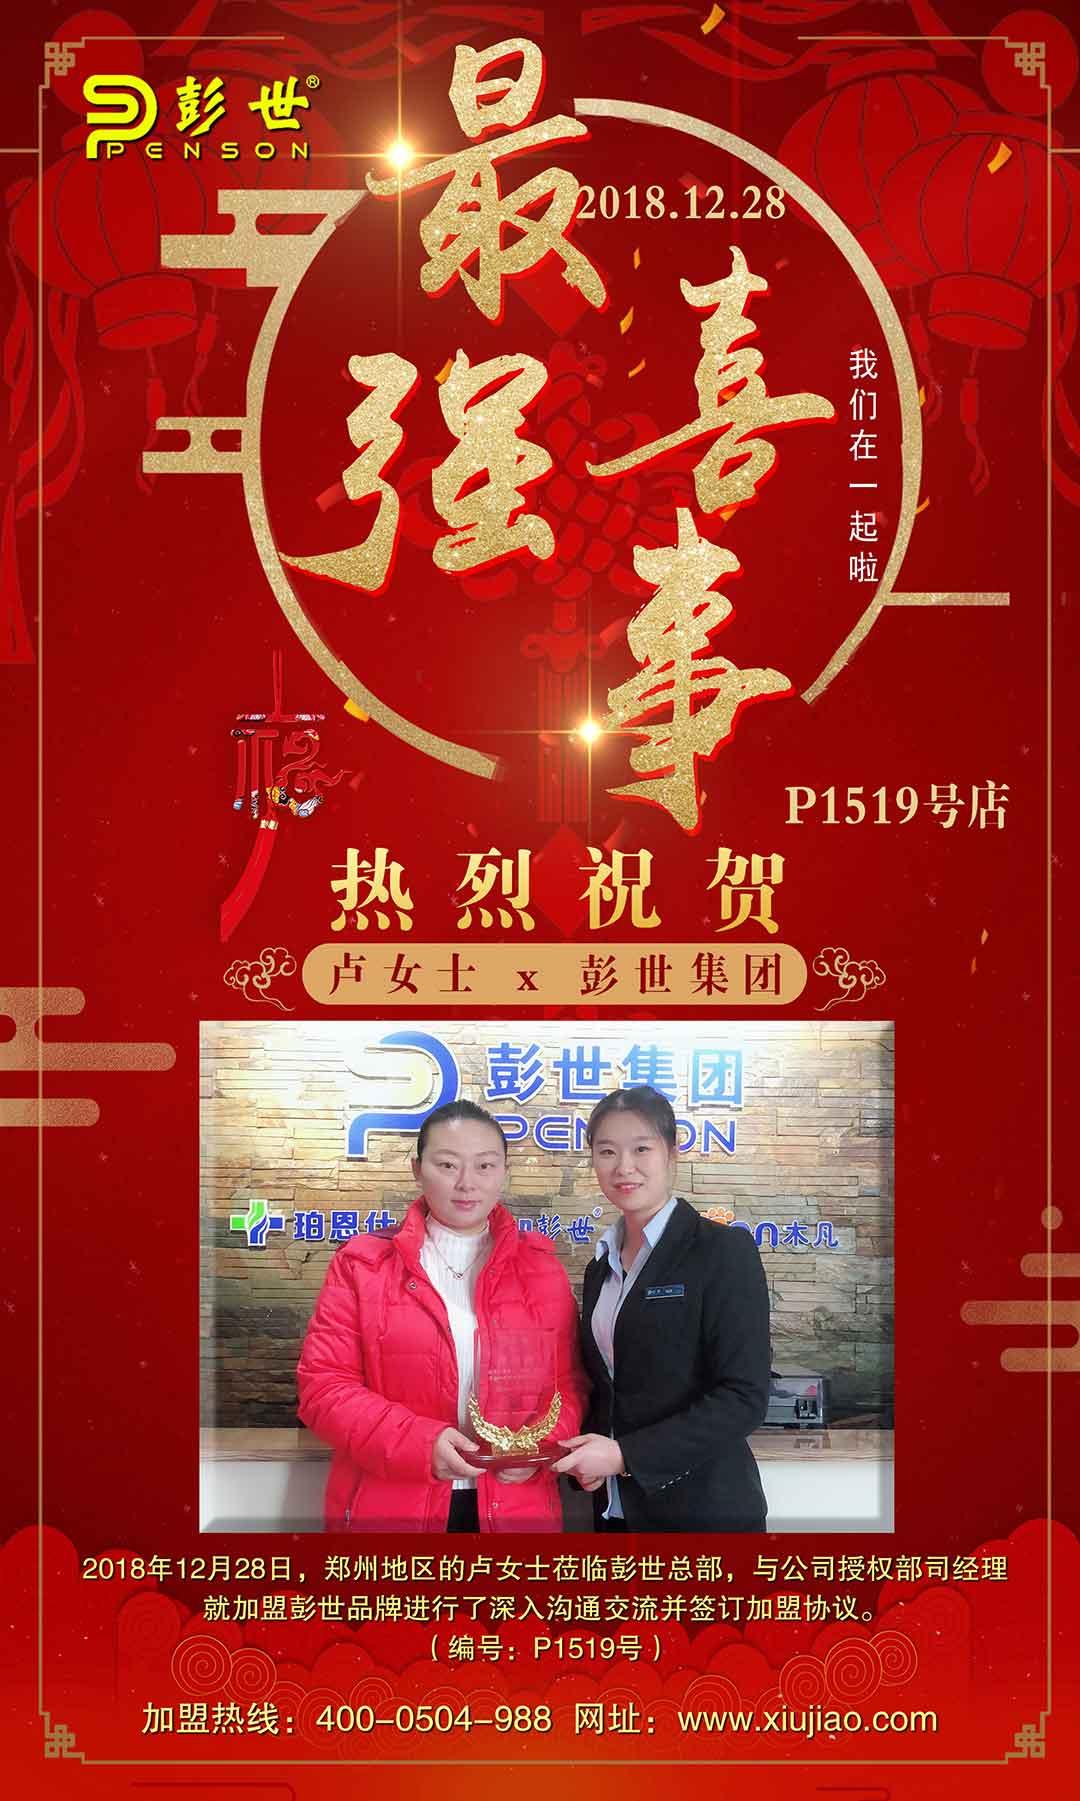 恭喜卢女士成功签约郑州地区彭世修脚加盟店